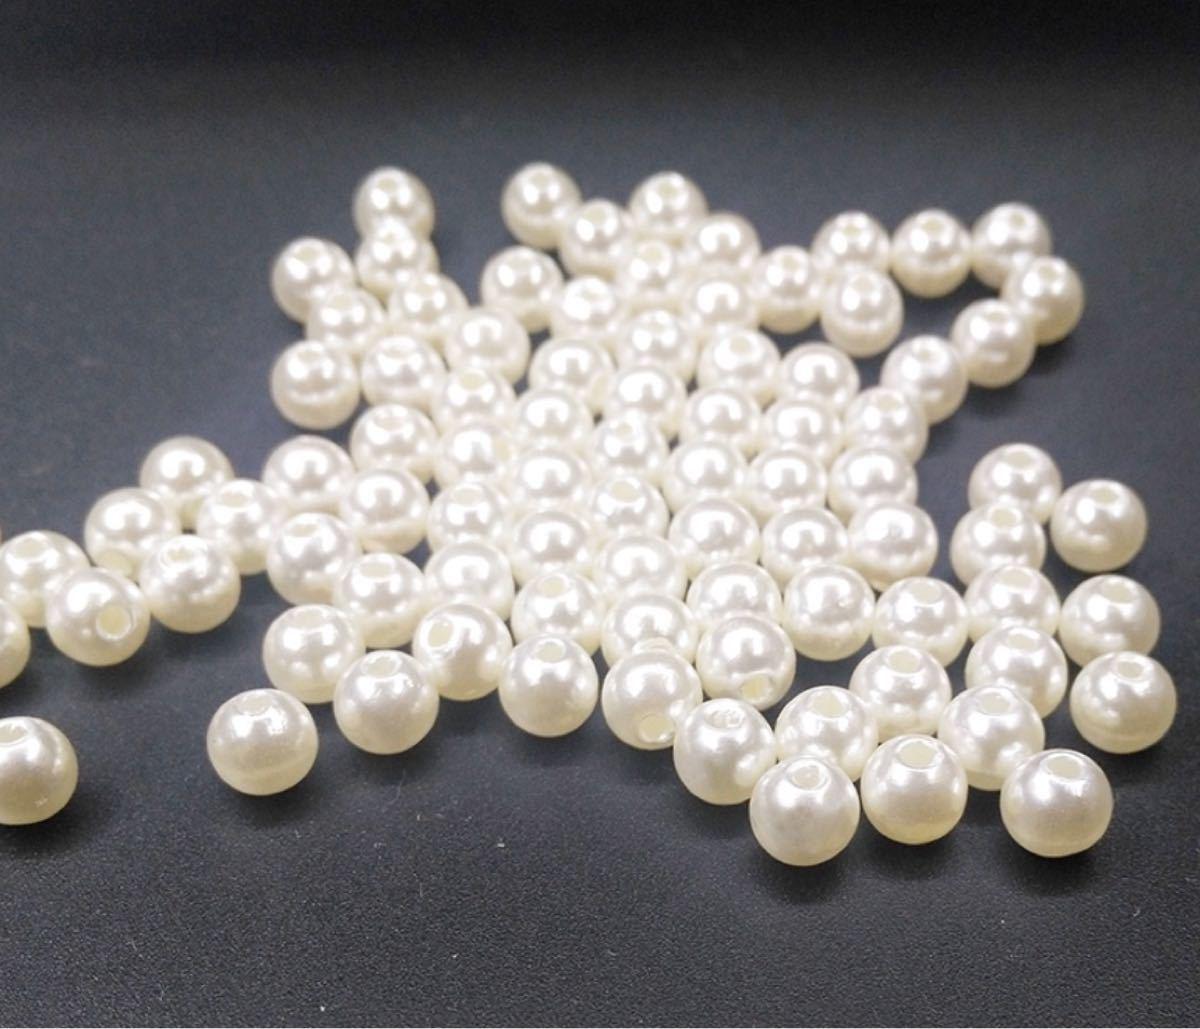 ビーズ アクセサリー ハンドメイド パーツ ホワイト 5mm 約540個 30g